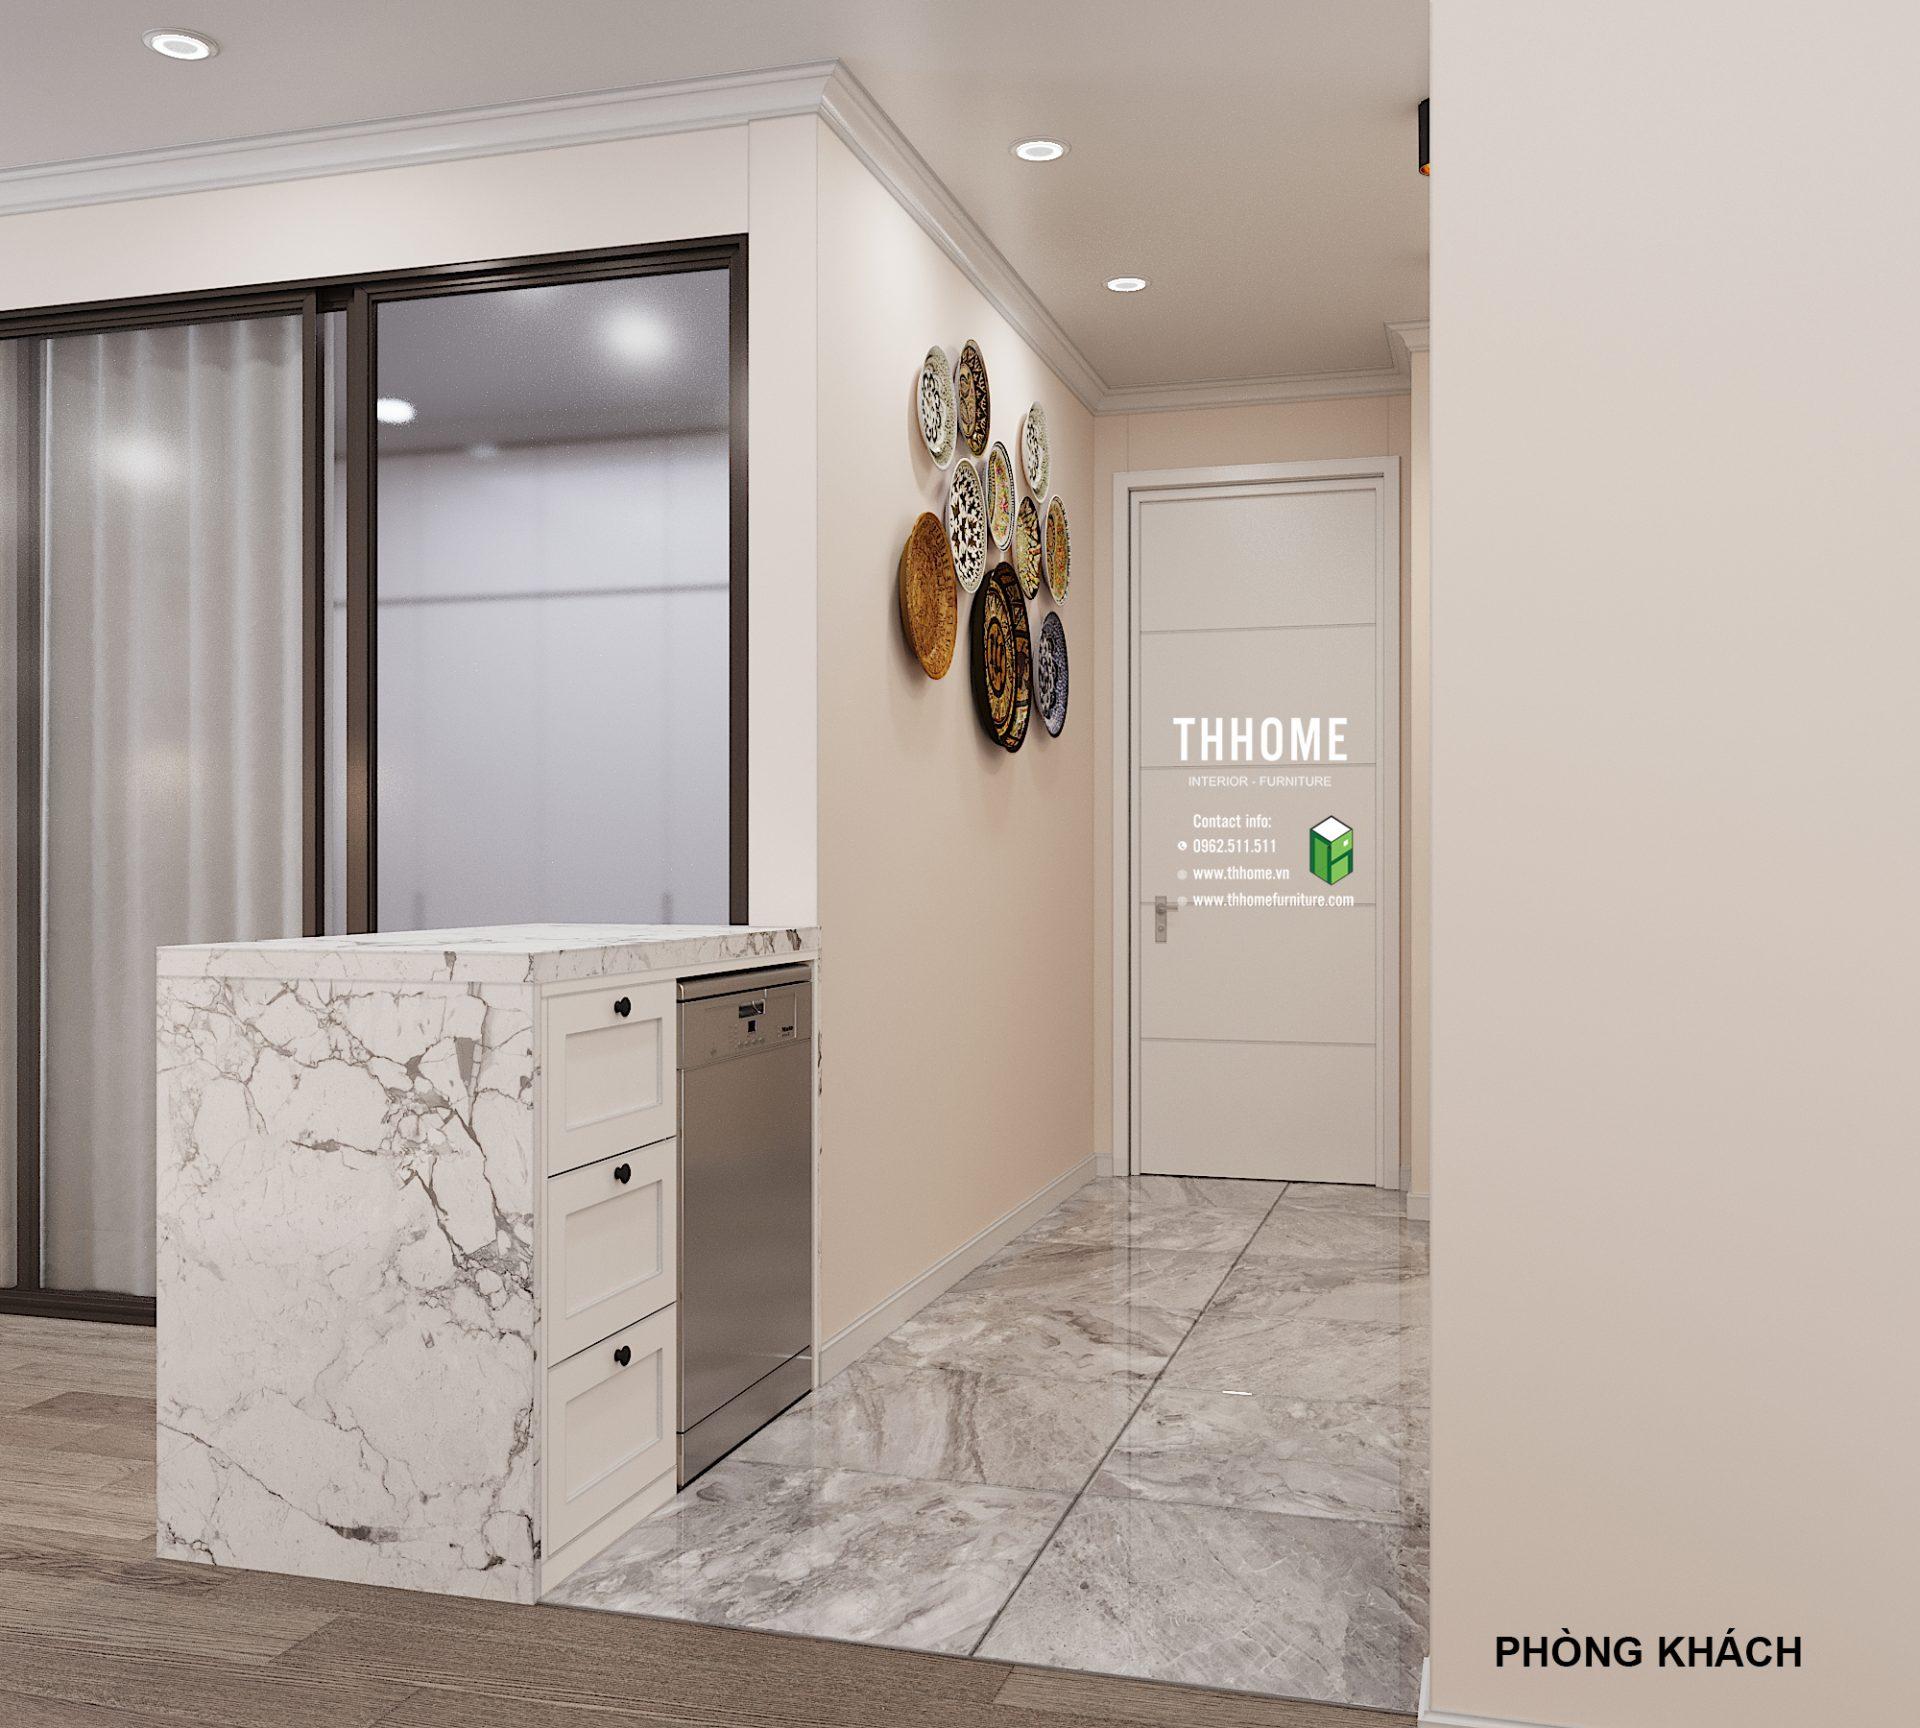 Lối vào nhà với thiết kế đơn giản, tinh tế mà không quá cầu kỳ